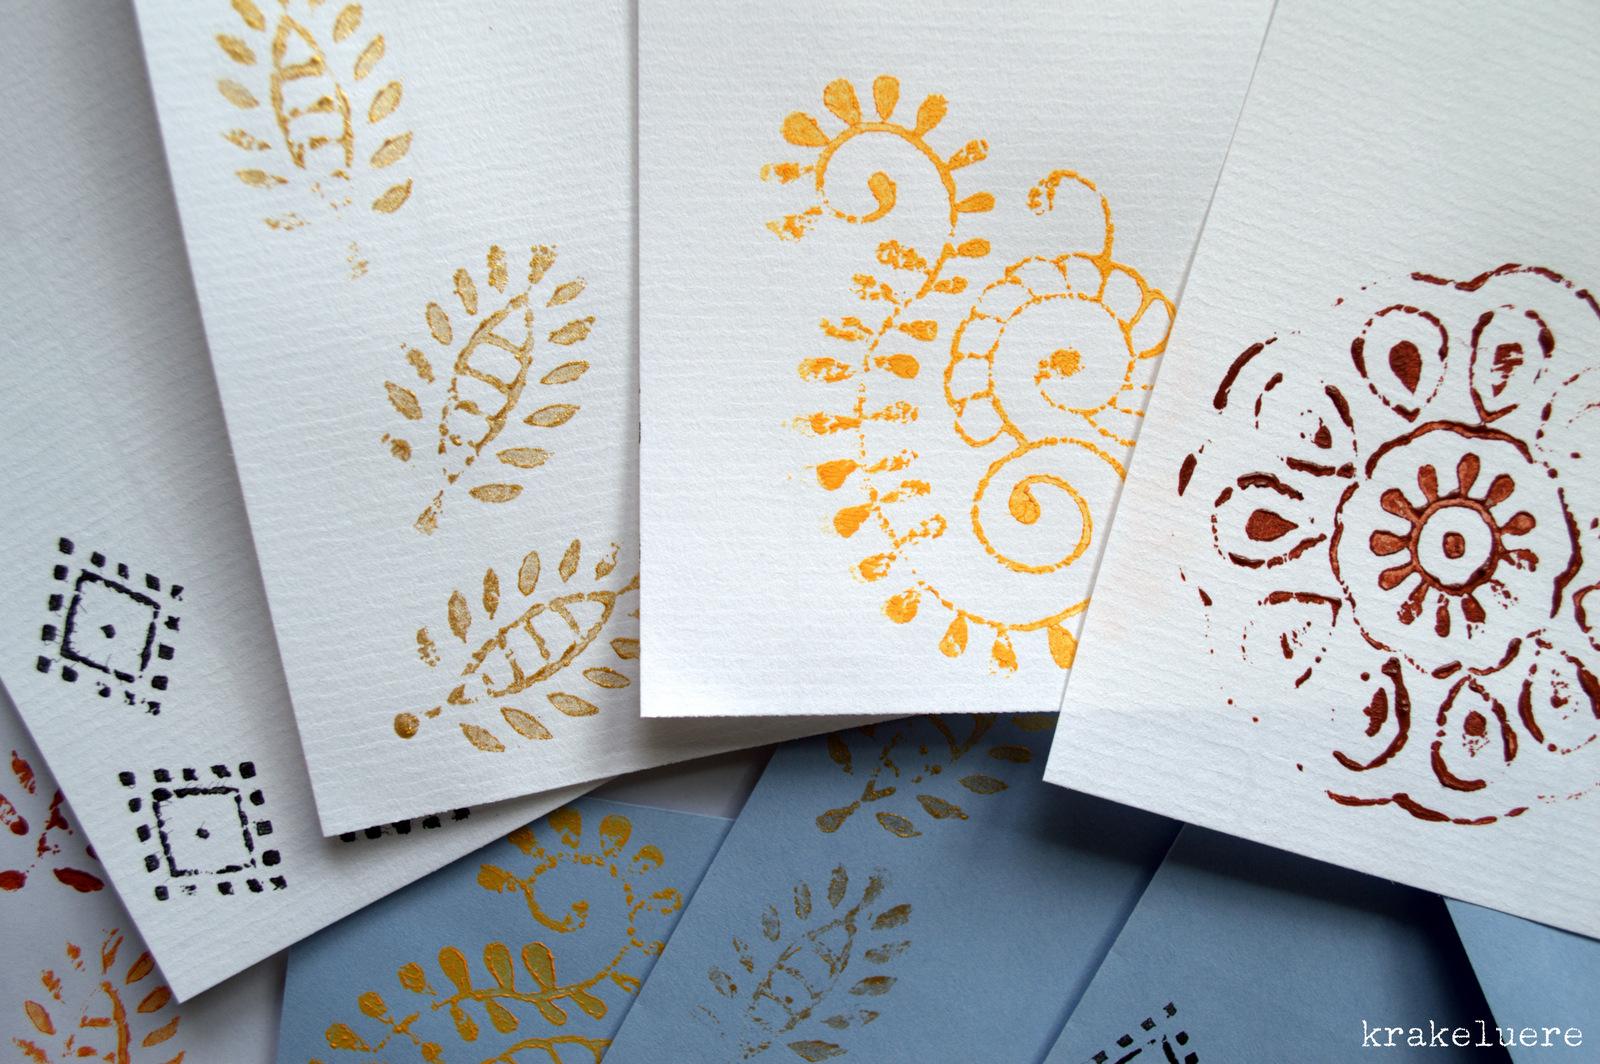 Briefpapier Gestalten : Krakeluere kalamkari briefpapier